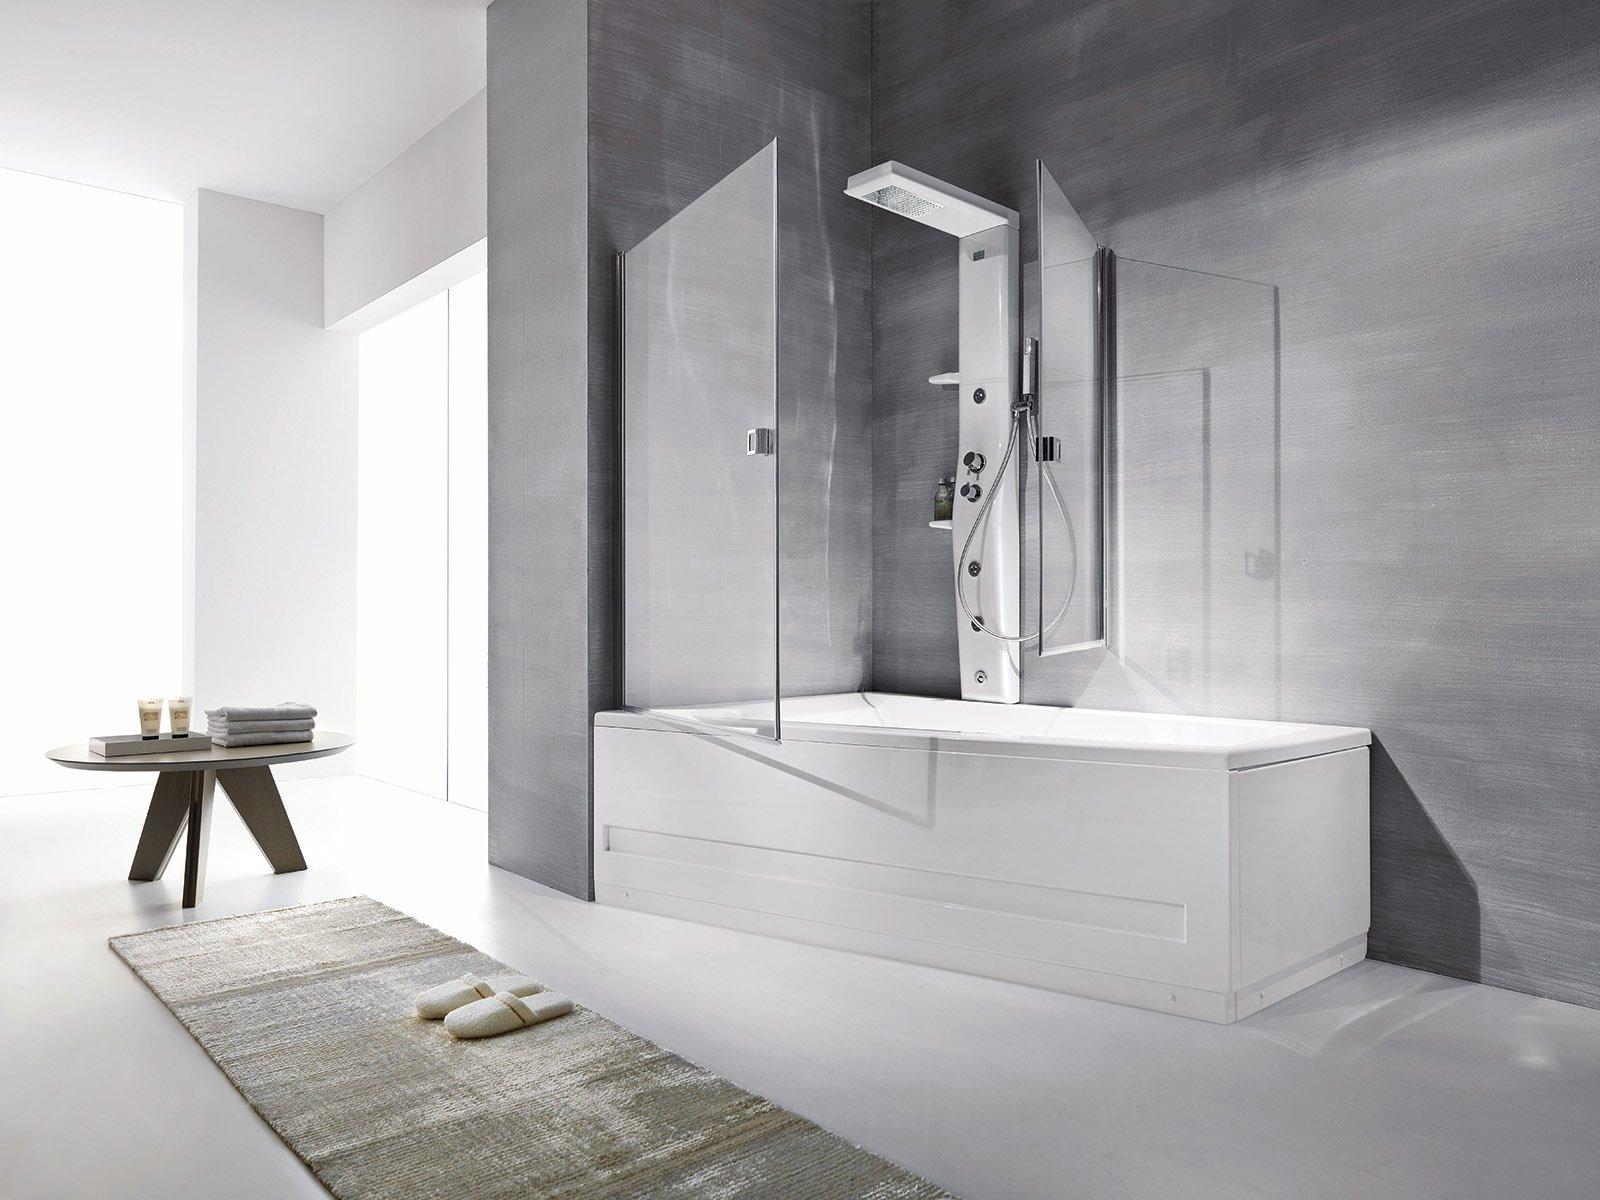 La doccia nella vasca aggiungendo un pannello cose di casa for 2 br 2 piani casa bagno